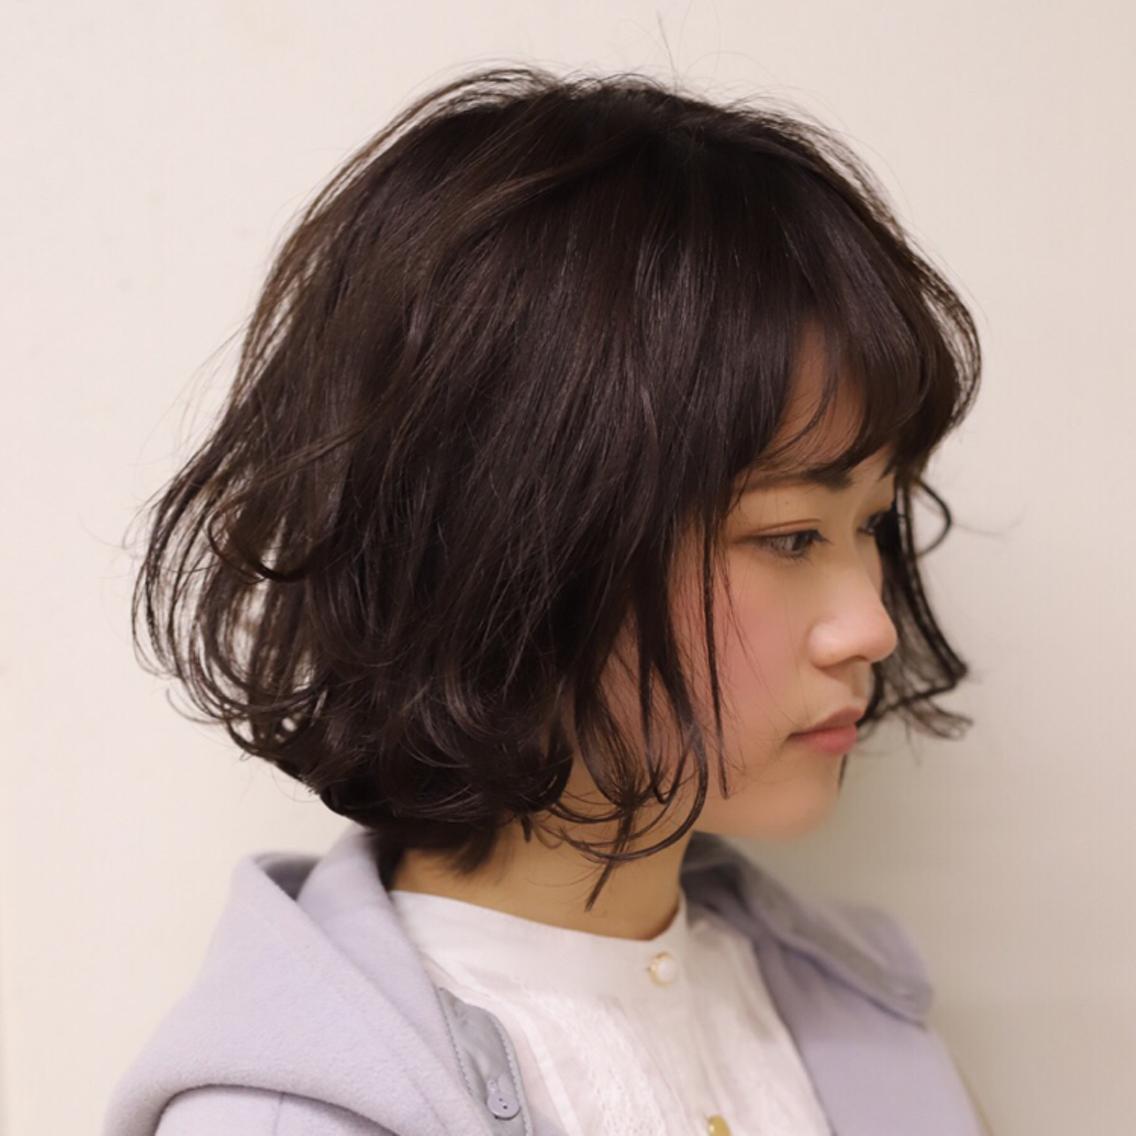 レディースカットモデル募集(40代~)